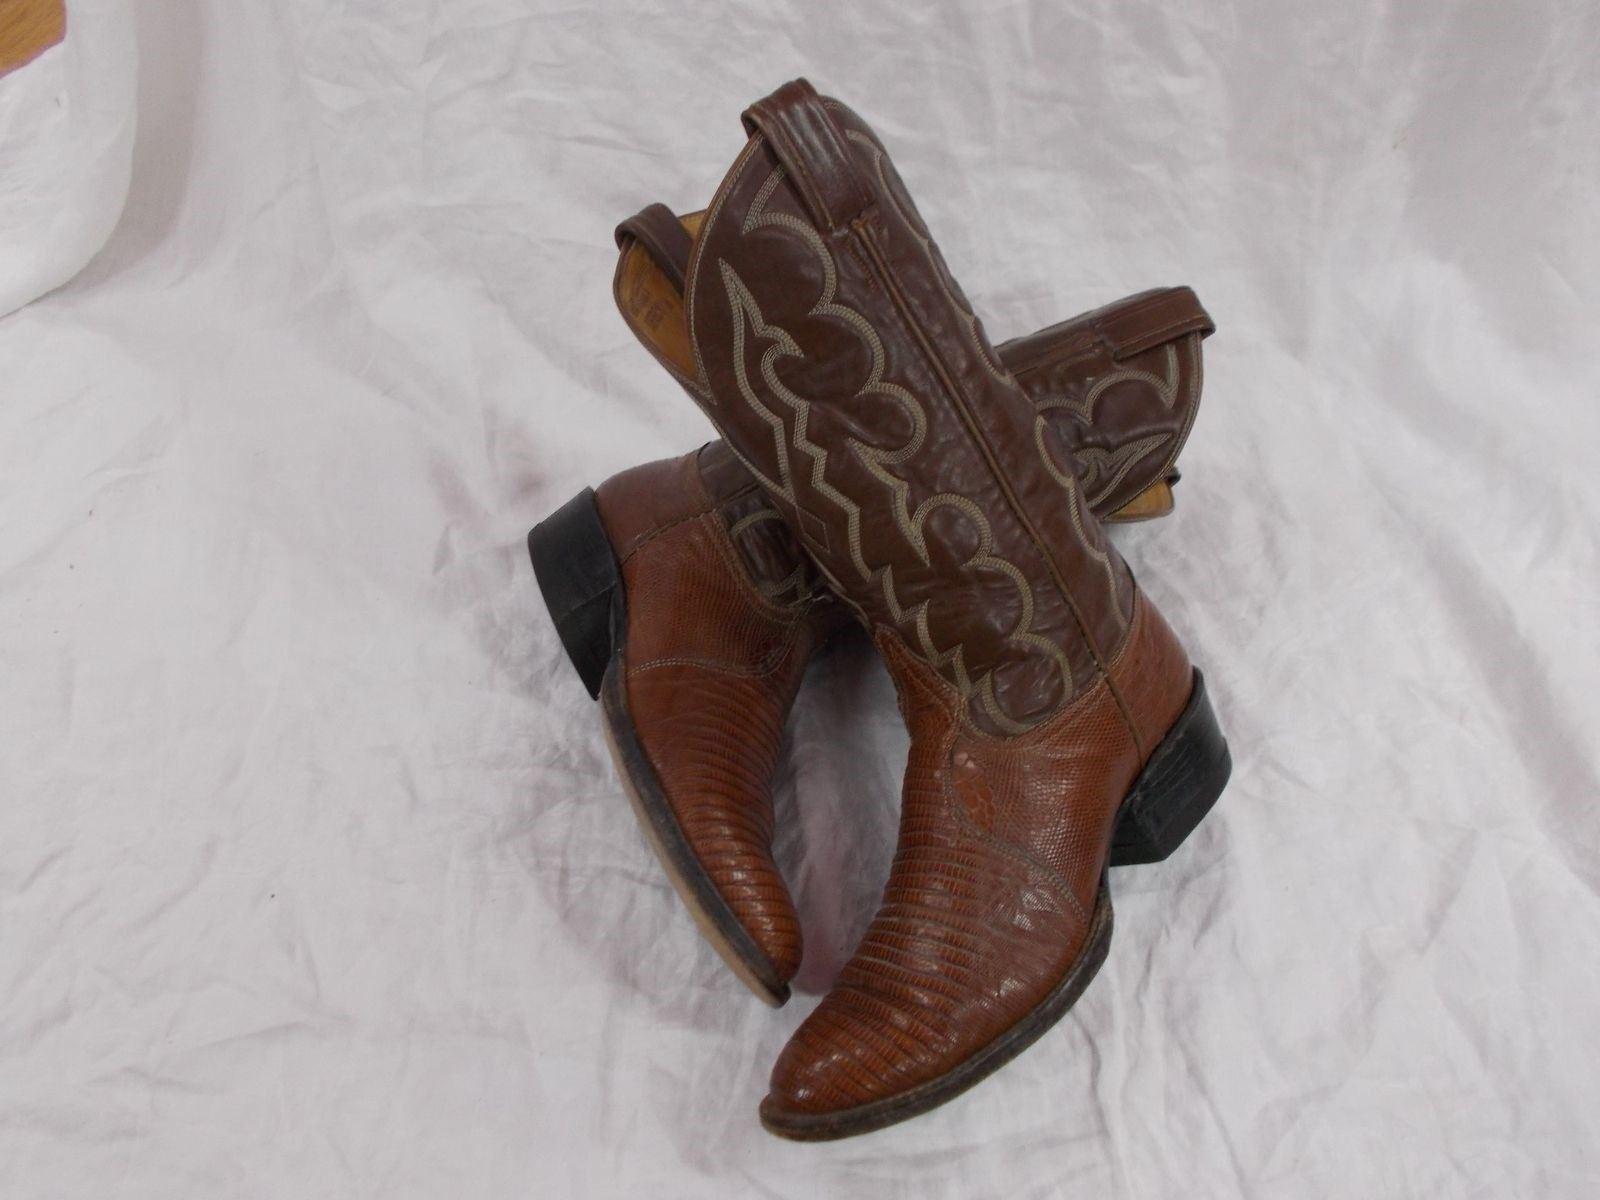 A + de colección negro Label TONY LAMA Marrón Teju Lizard Hombre Clásicas botas De Vaquero